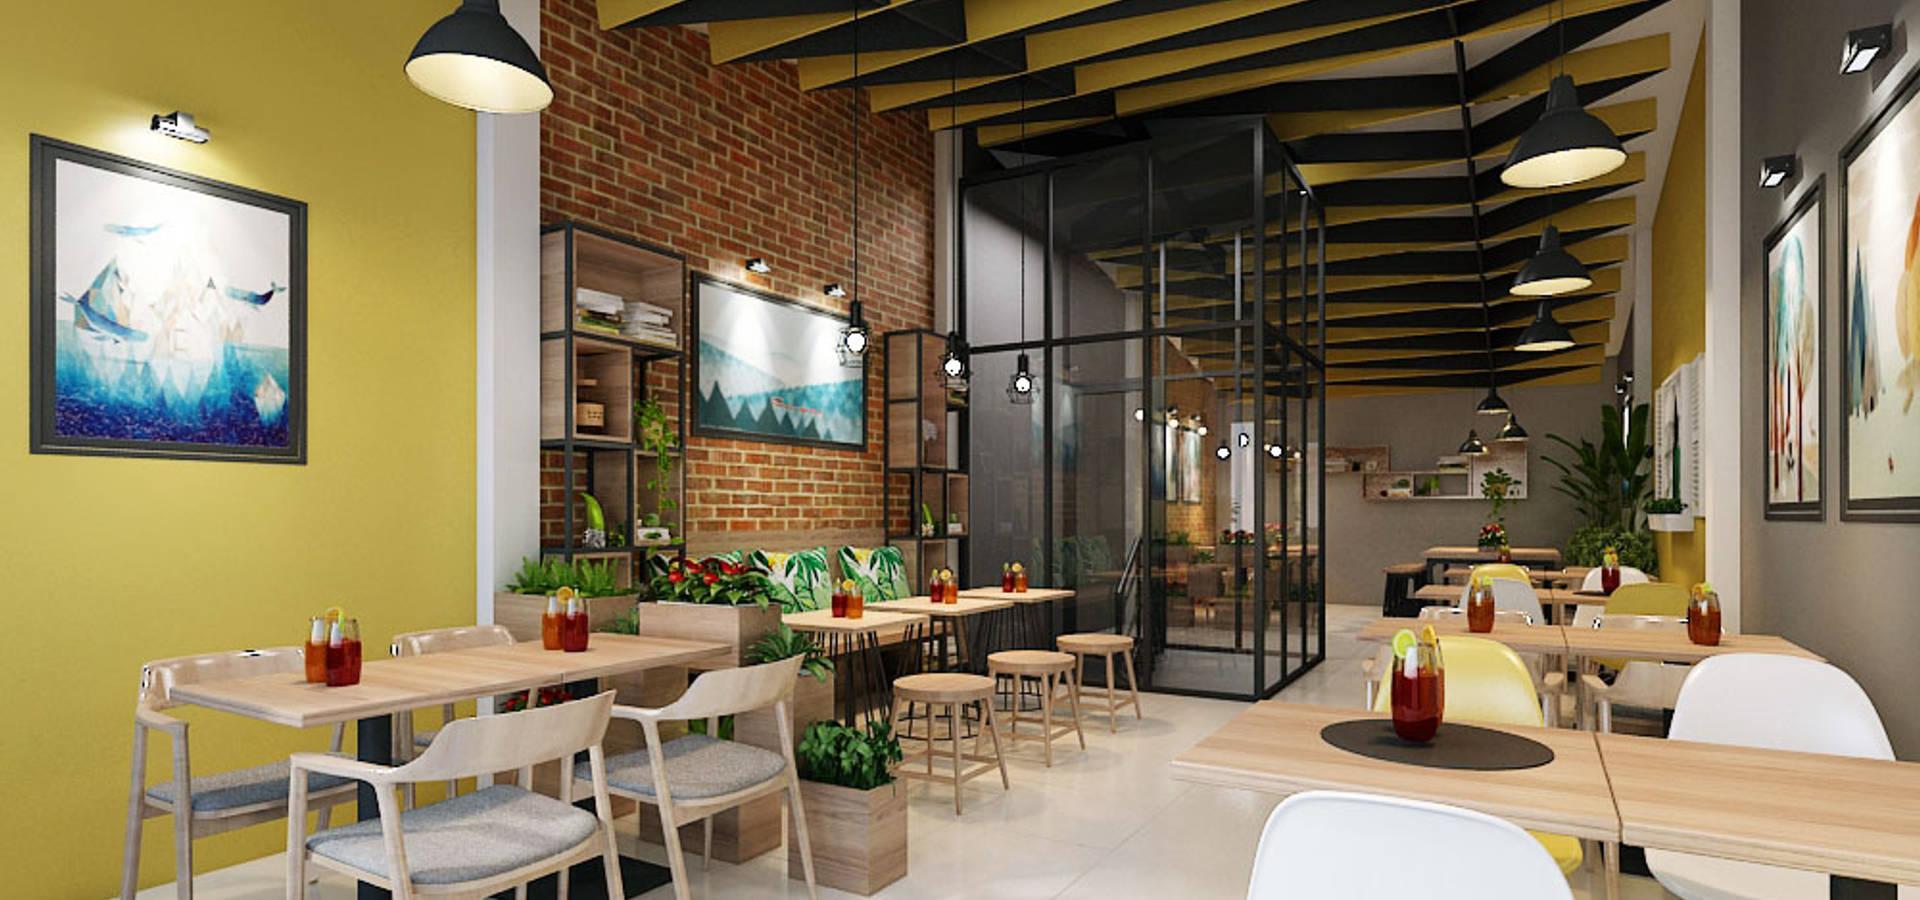 công ty thiết kế nhà hàng & quán cafe Hiện đại CEEB